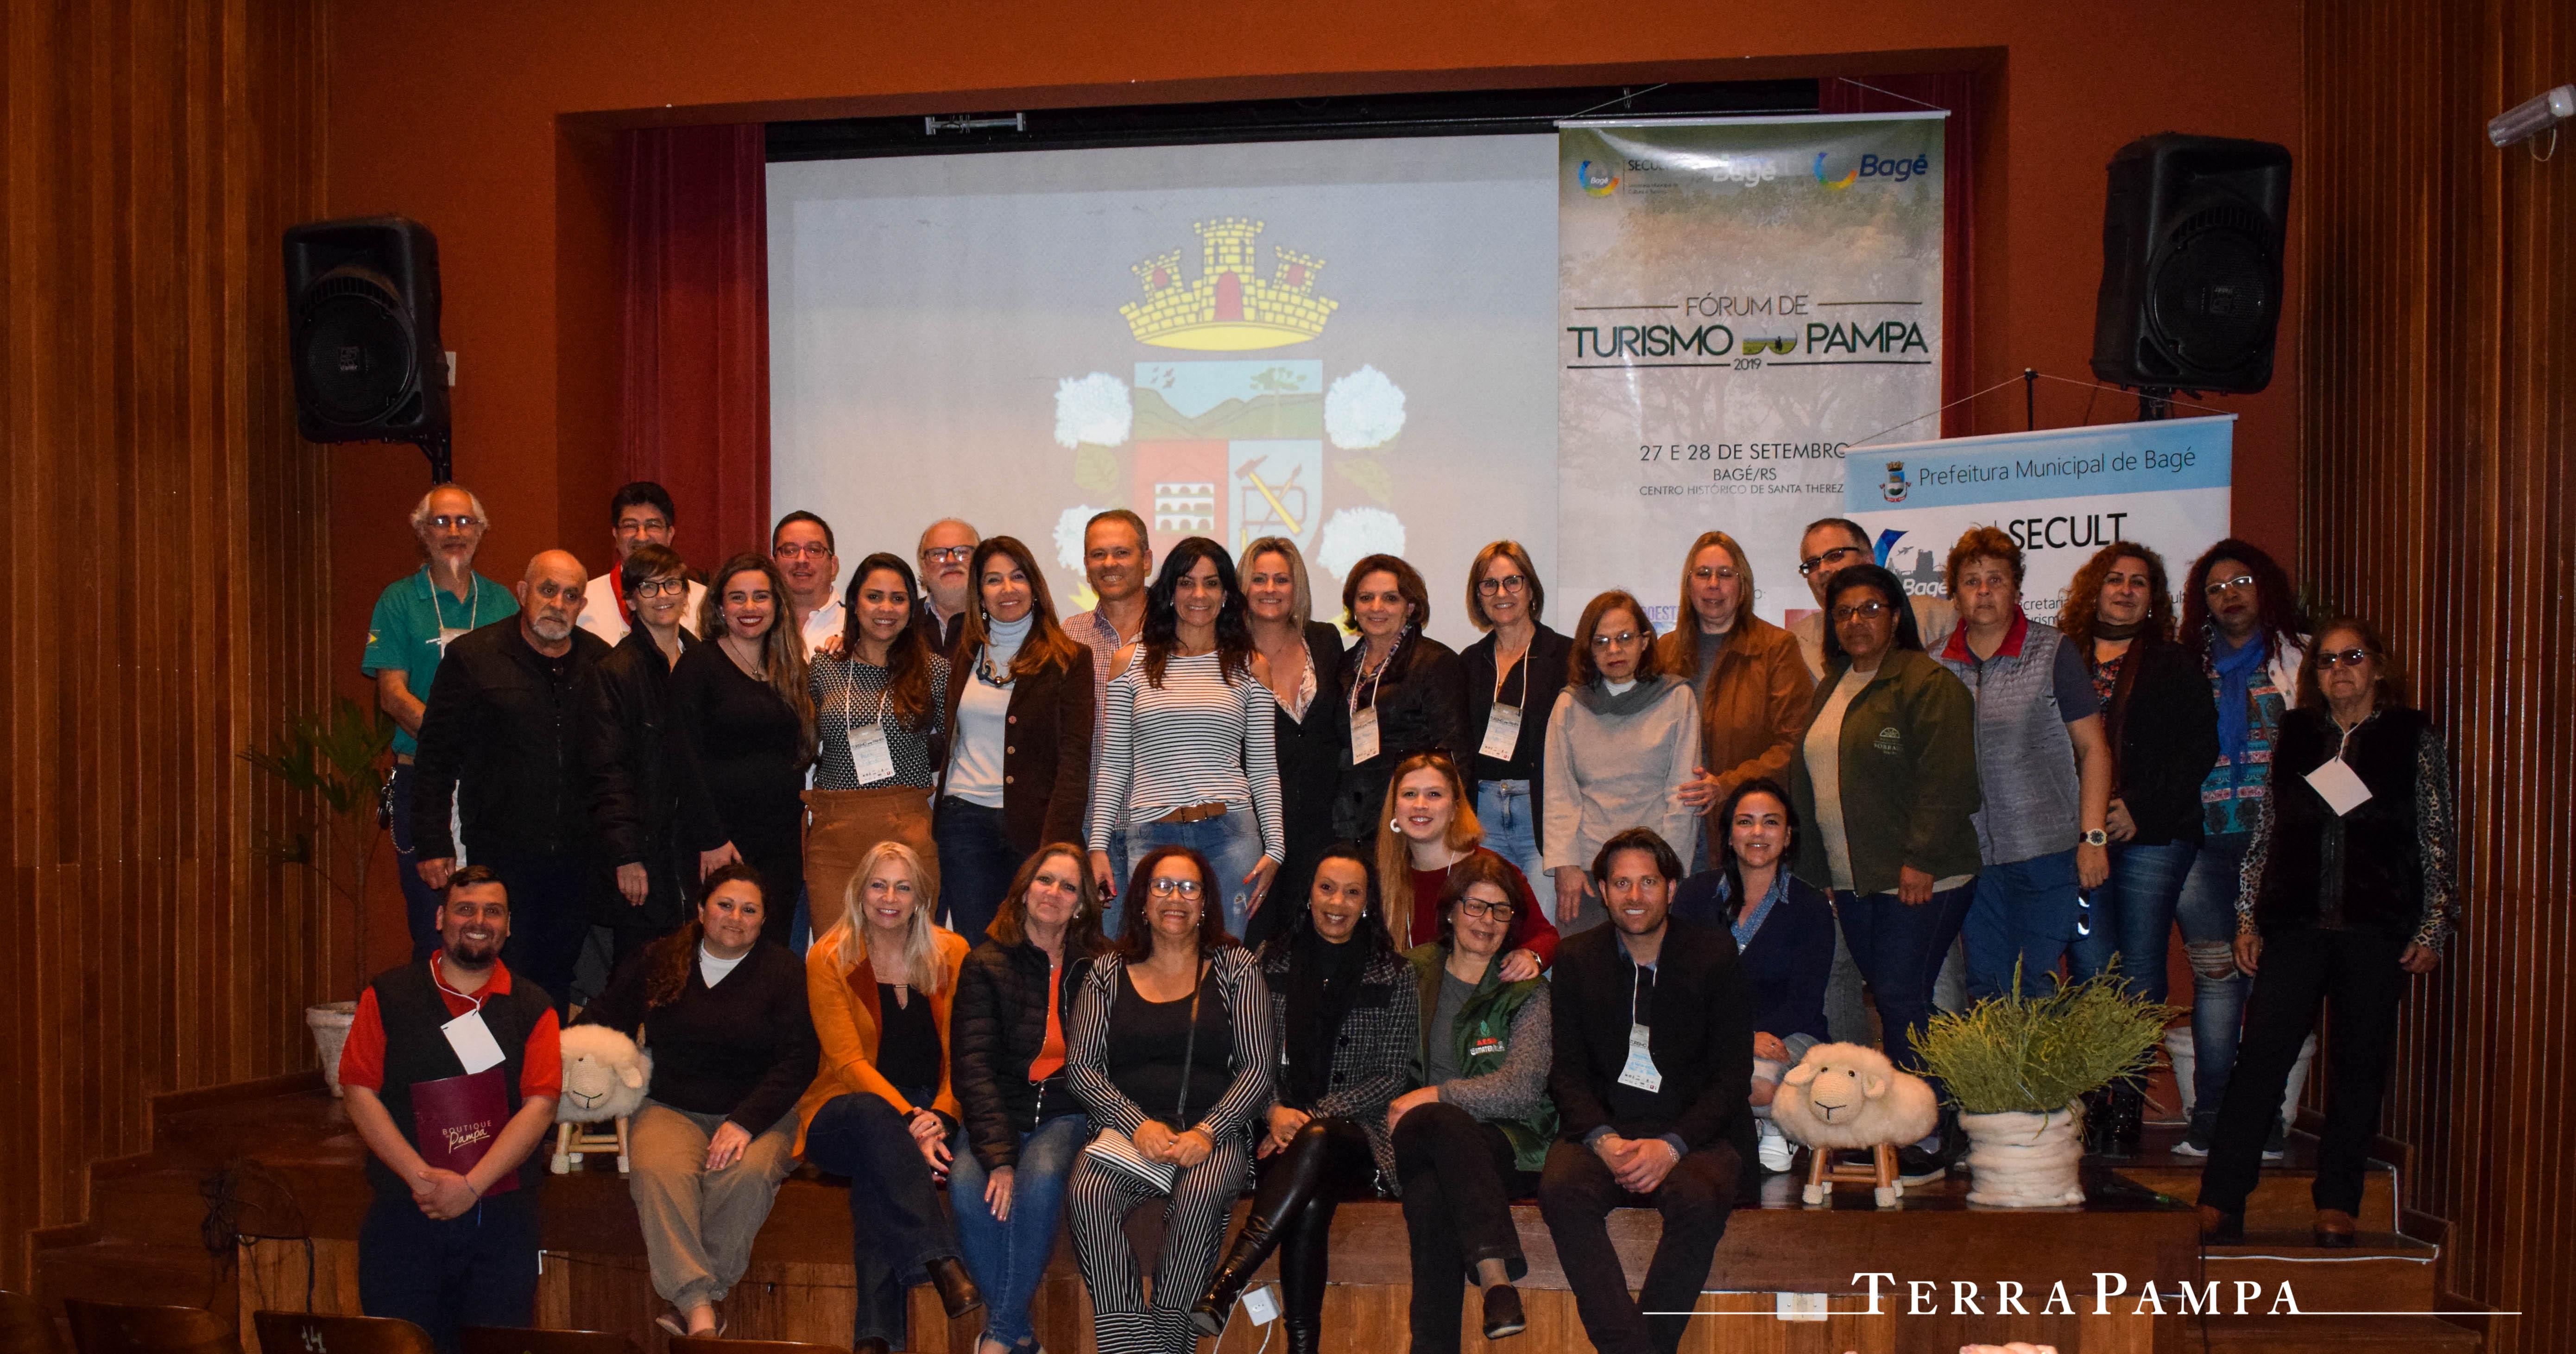 TERRAPAMPA - TerraPampa presente no Fórum de Turismo do Pampa 2019